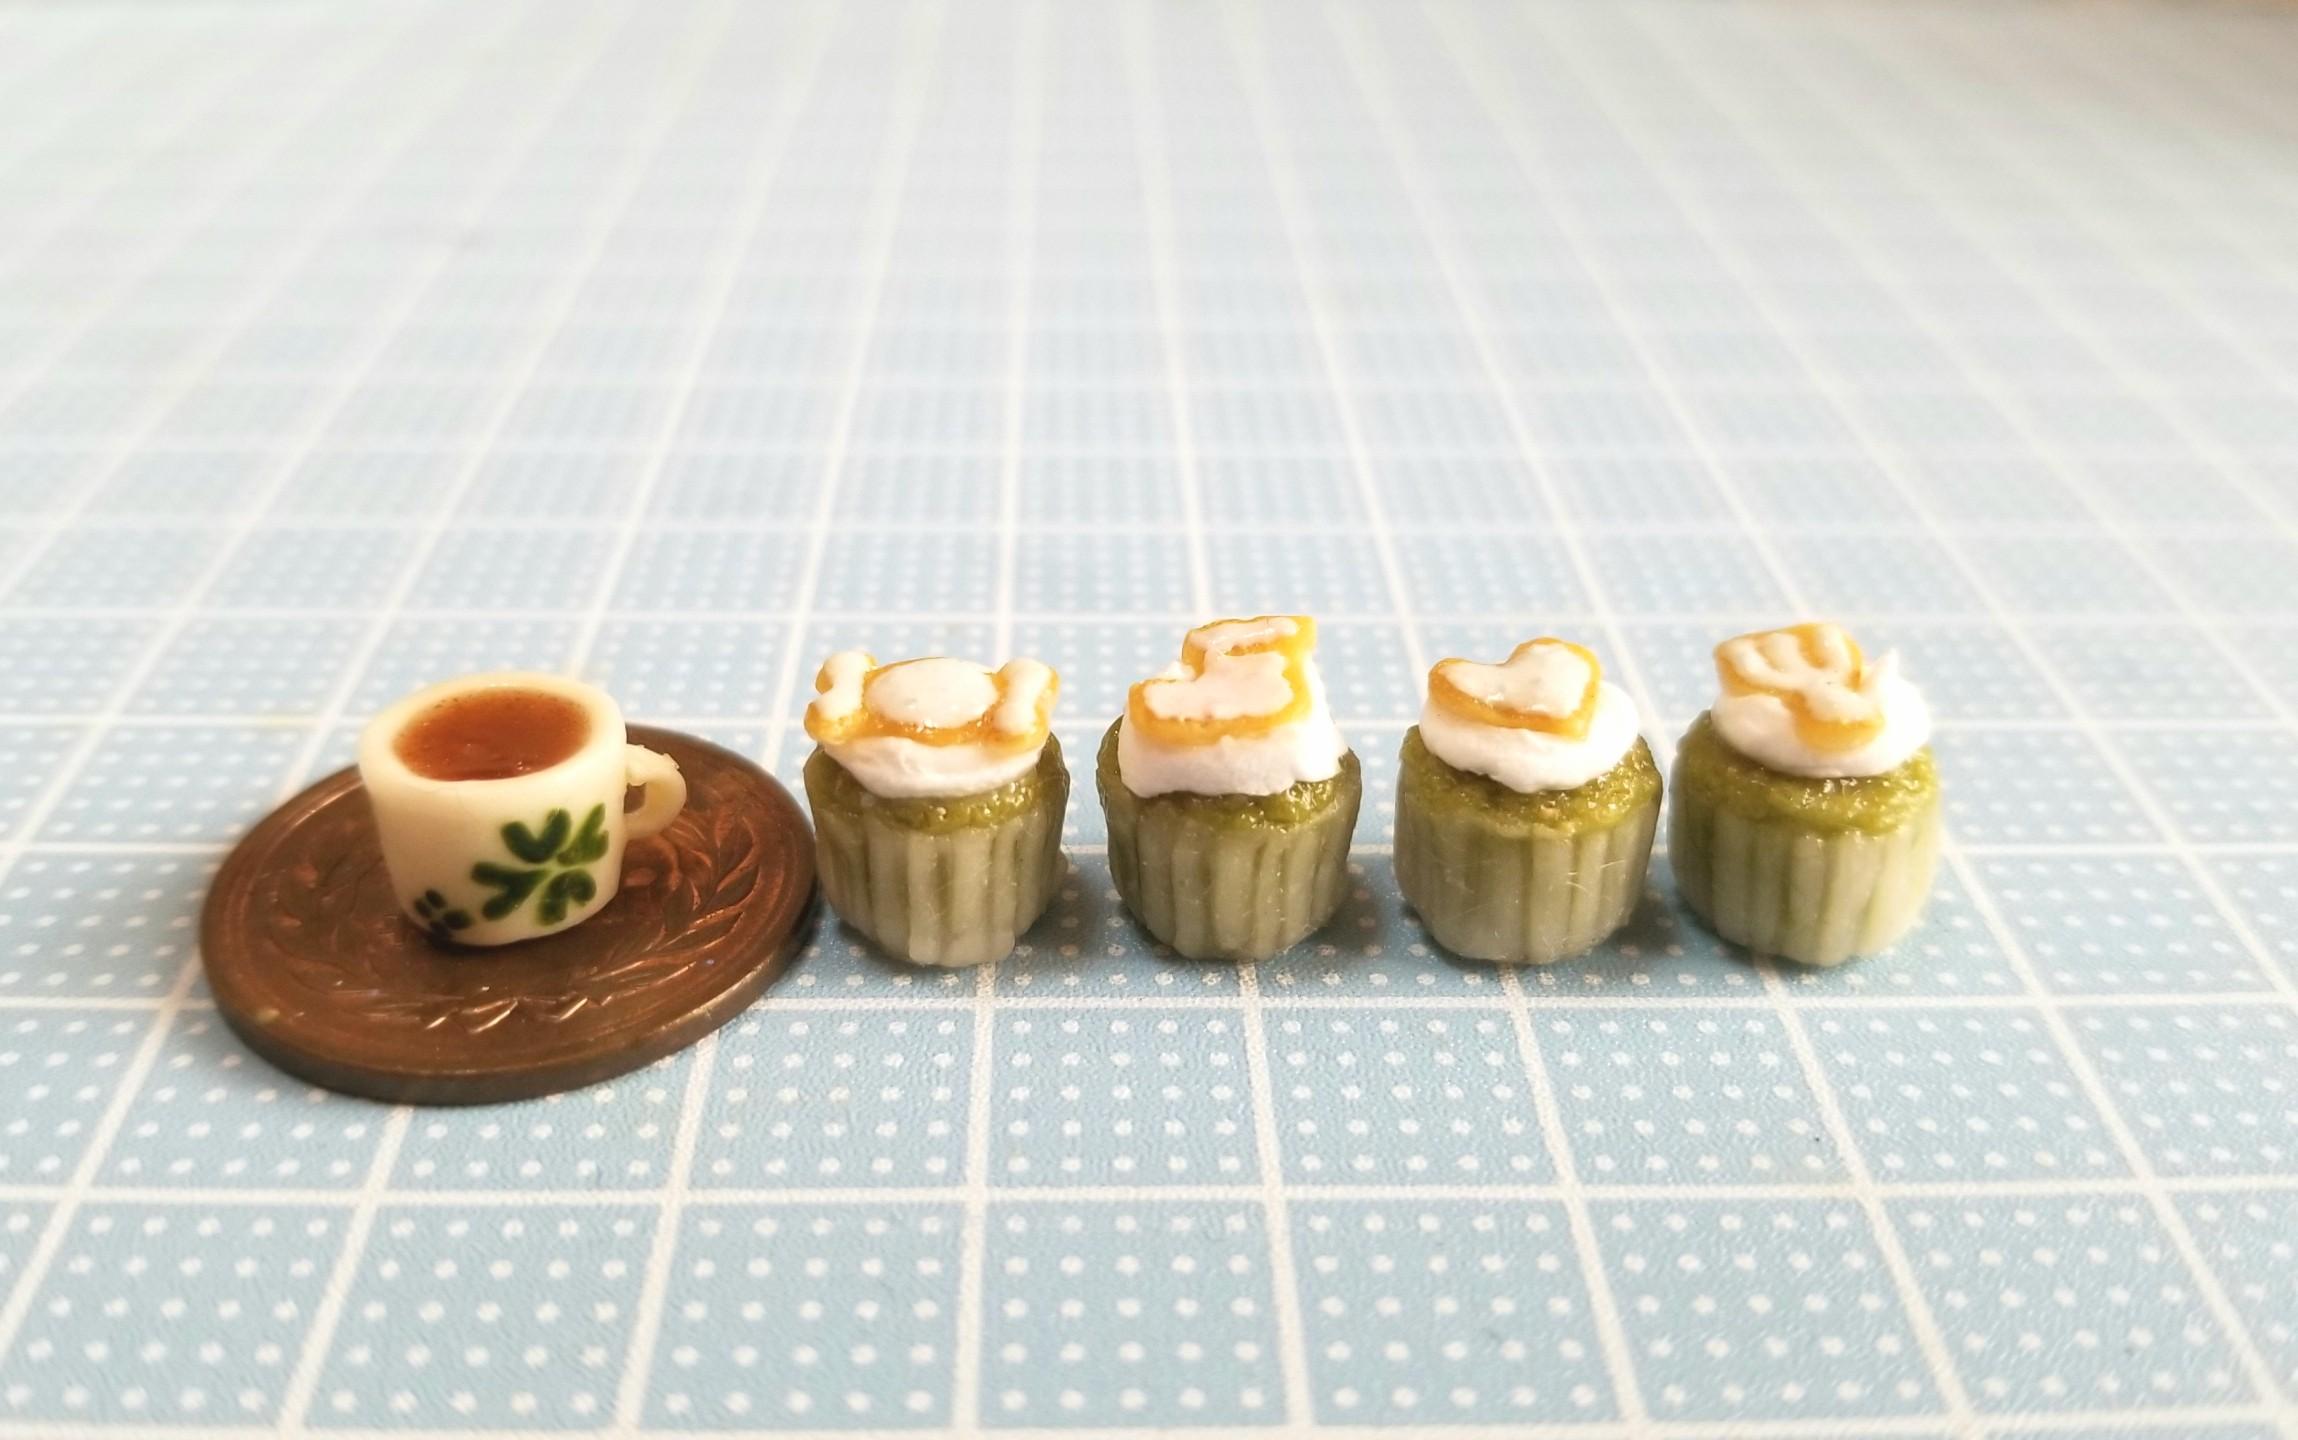 ミニチュアフード,抹茶,カップケーキ,樹脂粘土,食品サンプル,オビツ